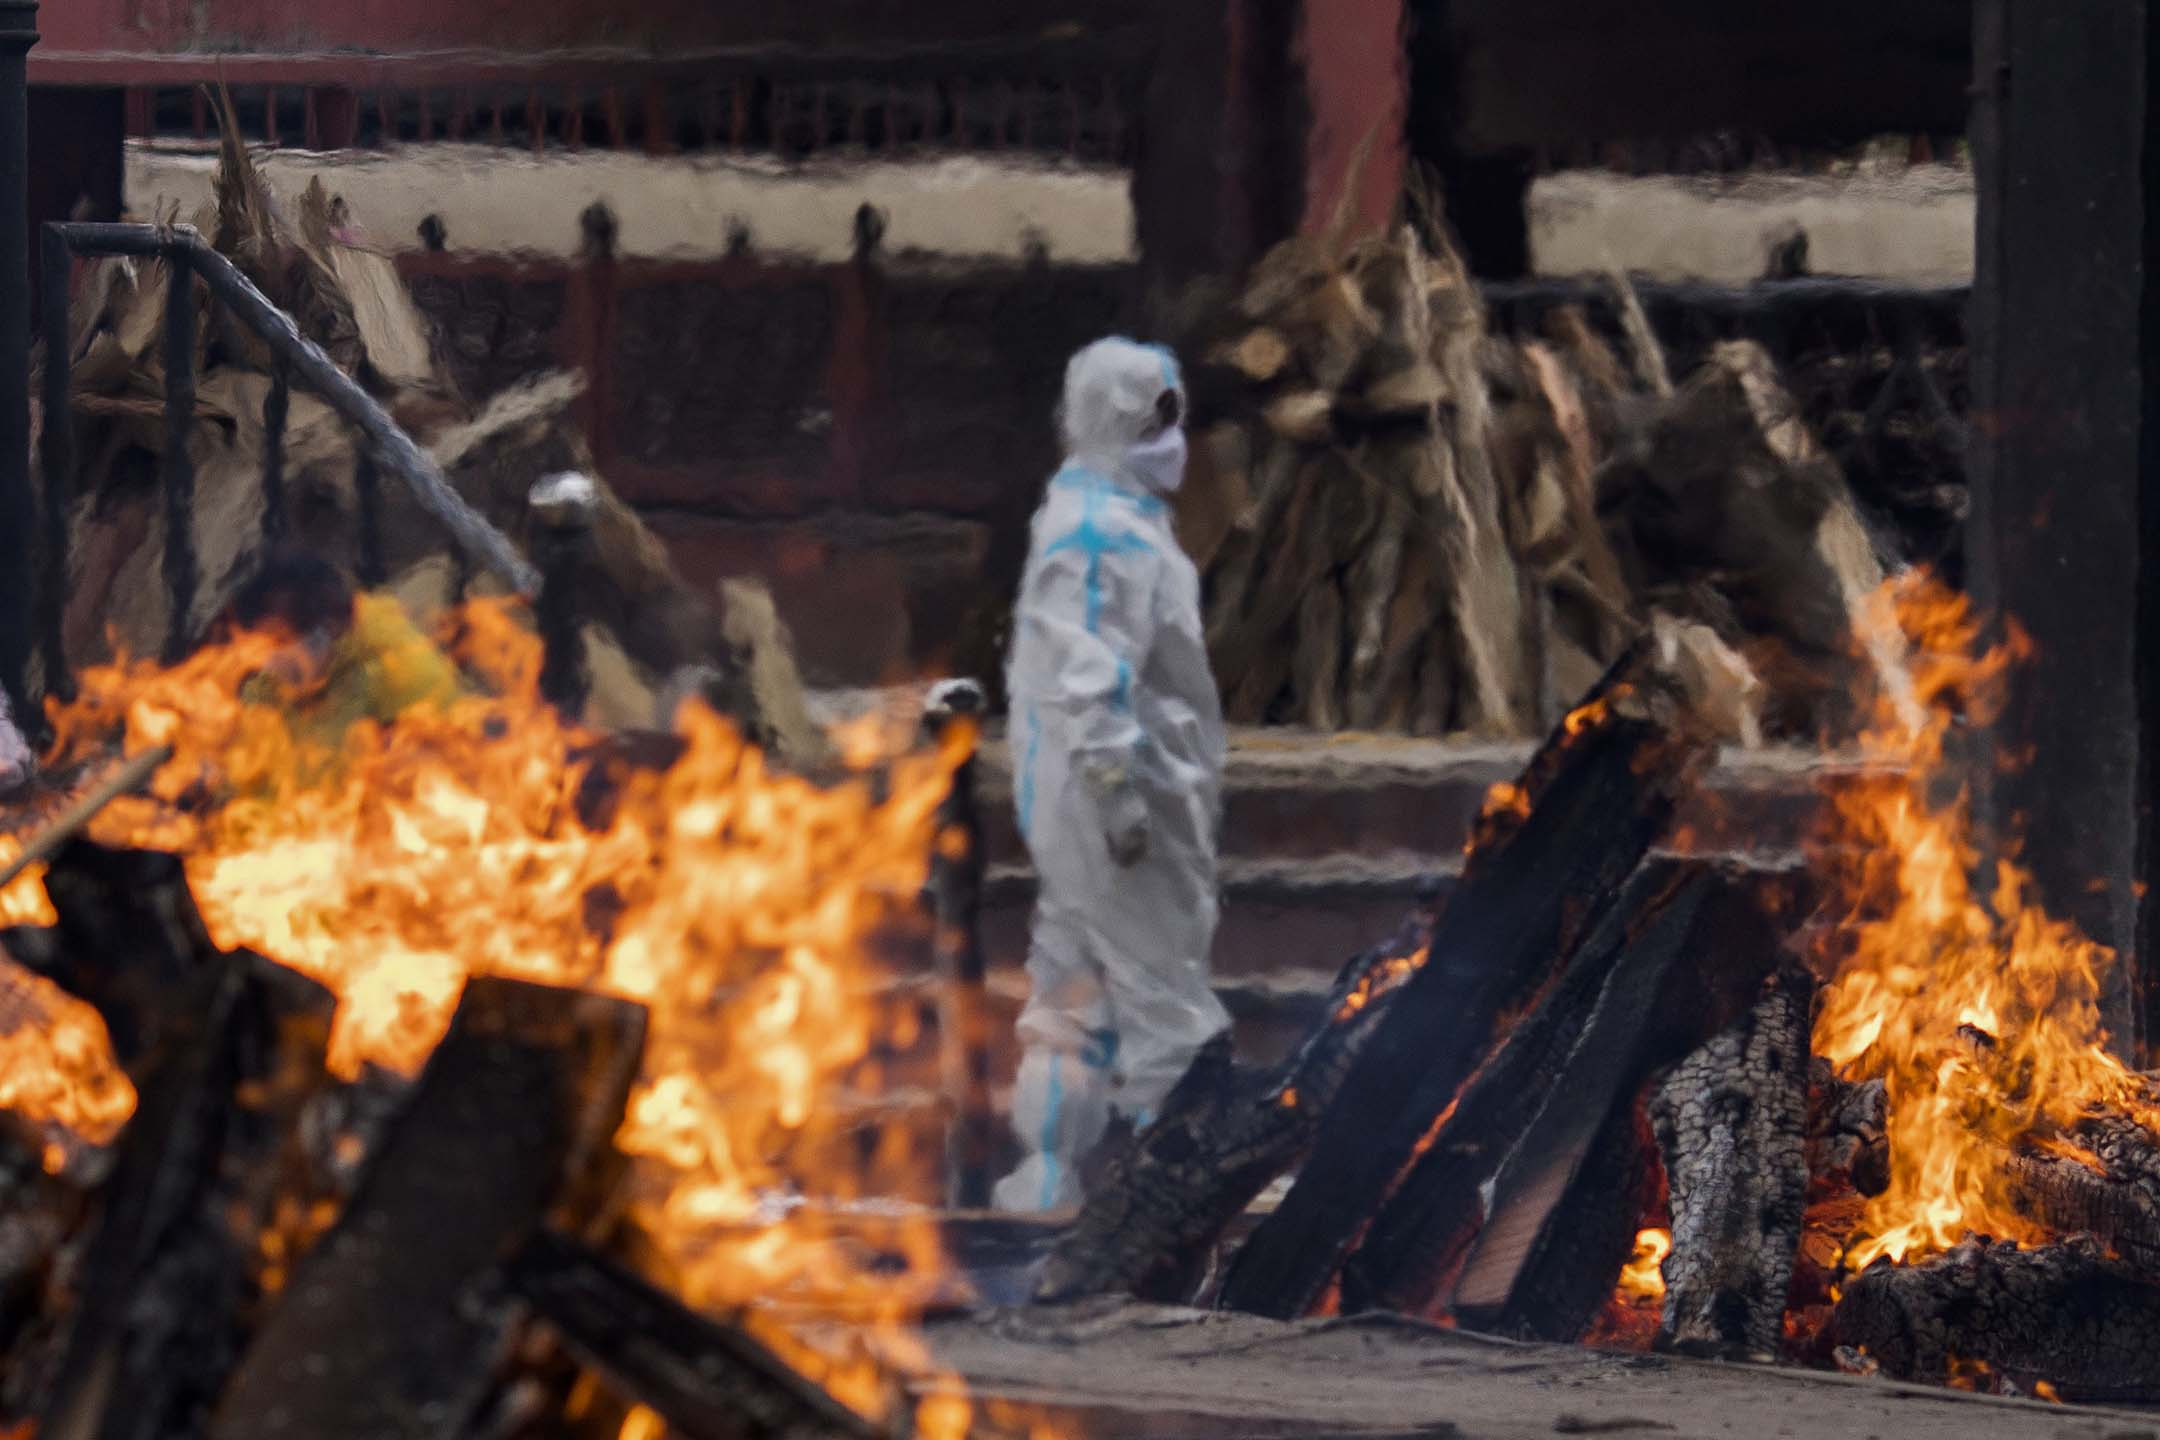 2021年4月20日,印度新德里火葬場内一名穿著防護衣的男子。 攝:Anindito Mukherjee/Getty Images